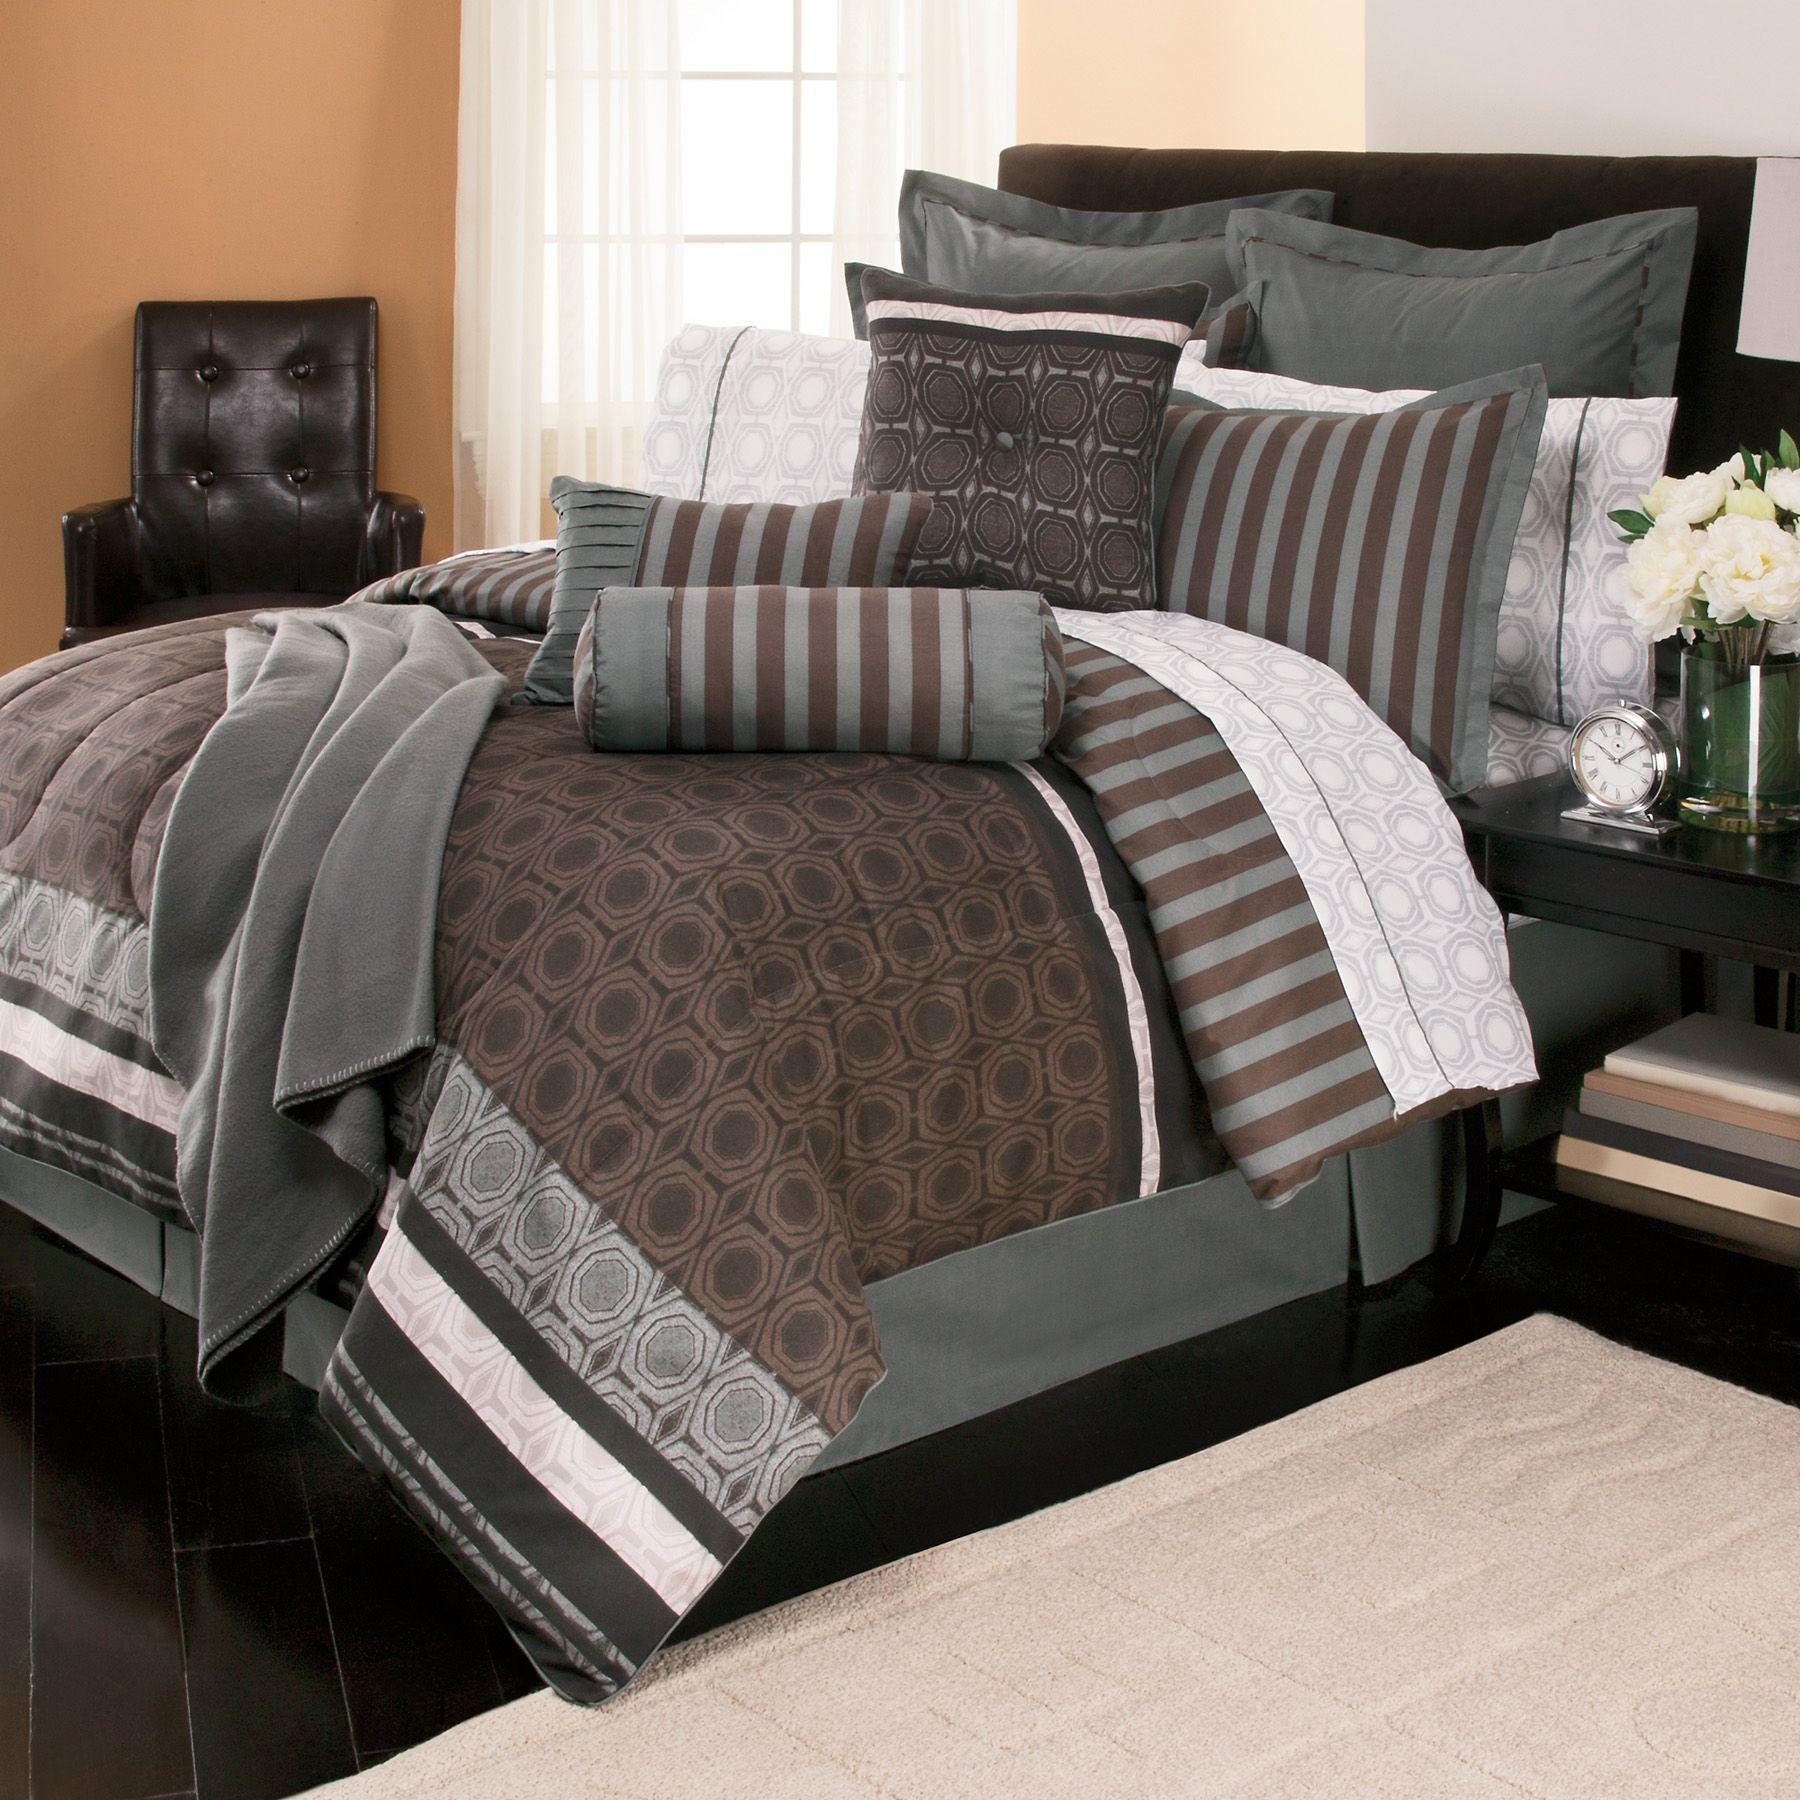 The Great Find 16 Piece Comforter Set Radford Bed Bath Decorative Bedding Comforters Sets Bedroom Comforter Sets Comfortable Bedroom Bed Comforter Sets